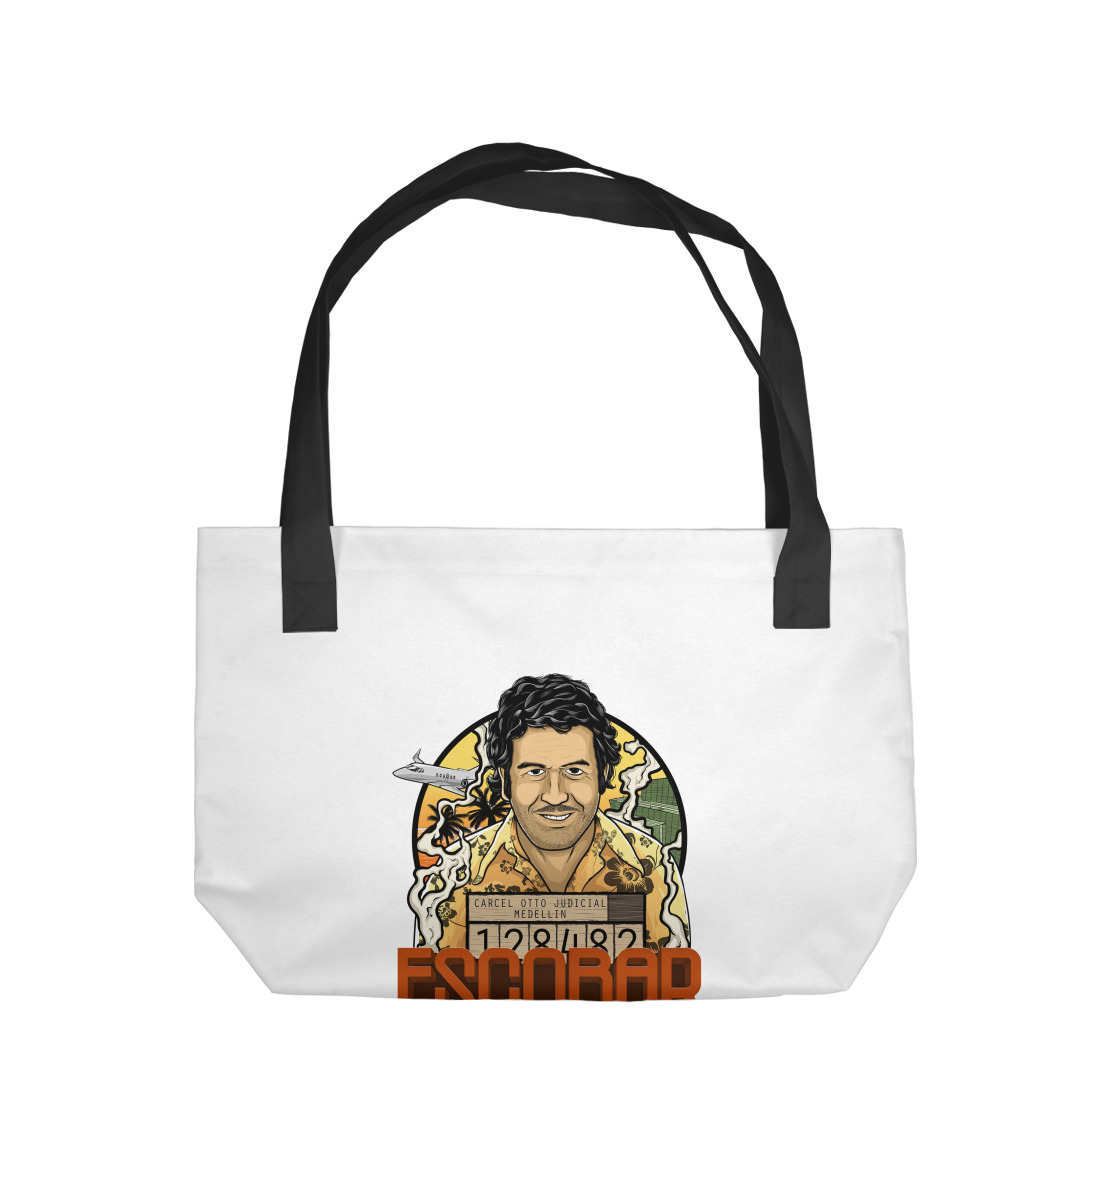 Pablo Emilio Escobar frederick fyvie bruce pablo